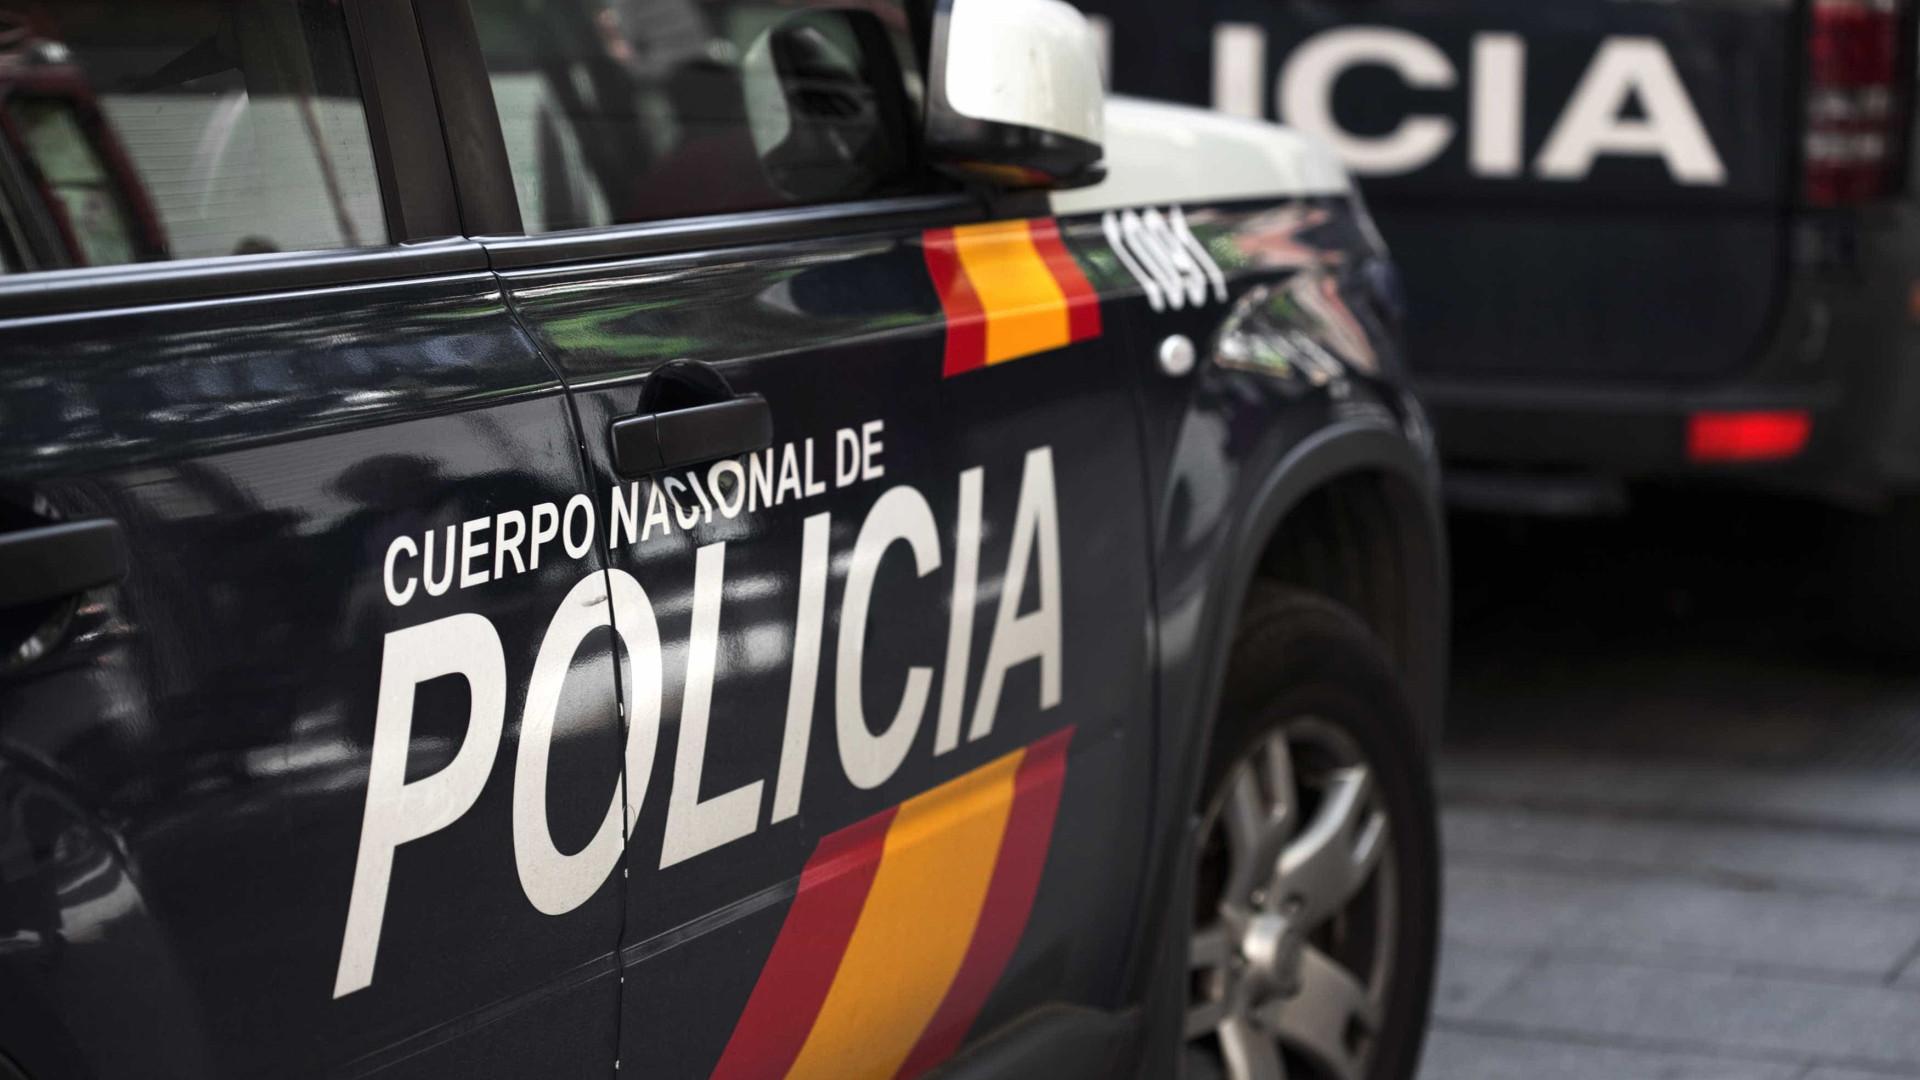 Mais de 30 anos depois, Juan José tentou vingar a morte da filha